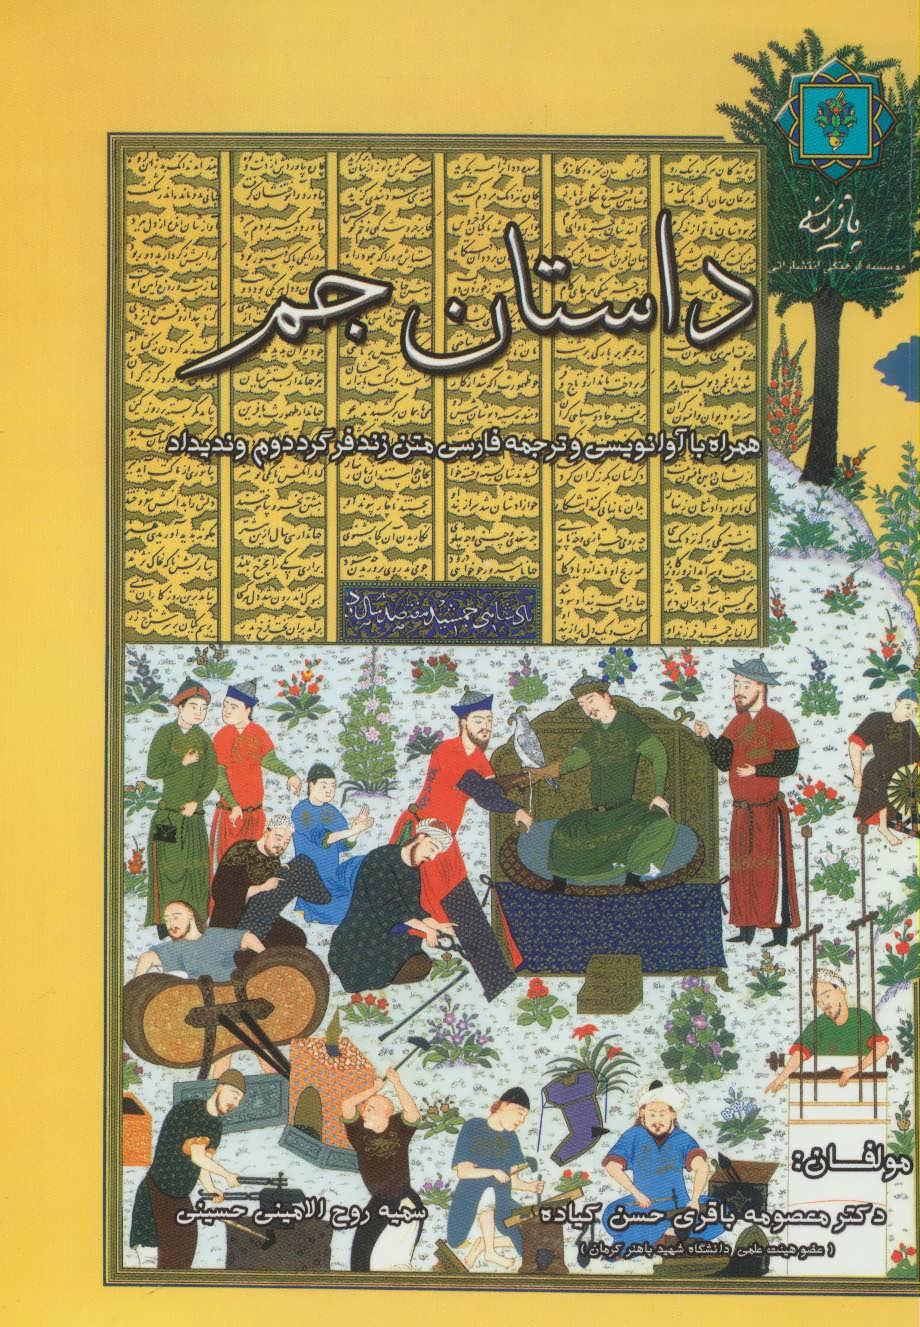 داستان جم (همراه با آوانويسي و ترجمه فارسي متن زندفر گرد دوم ونديداد)